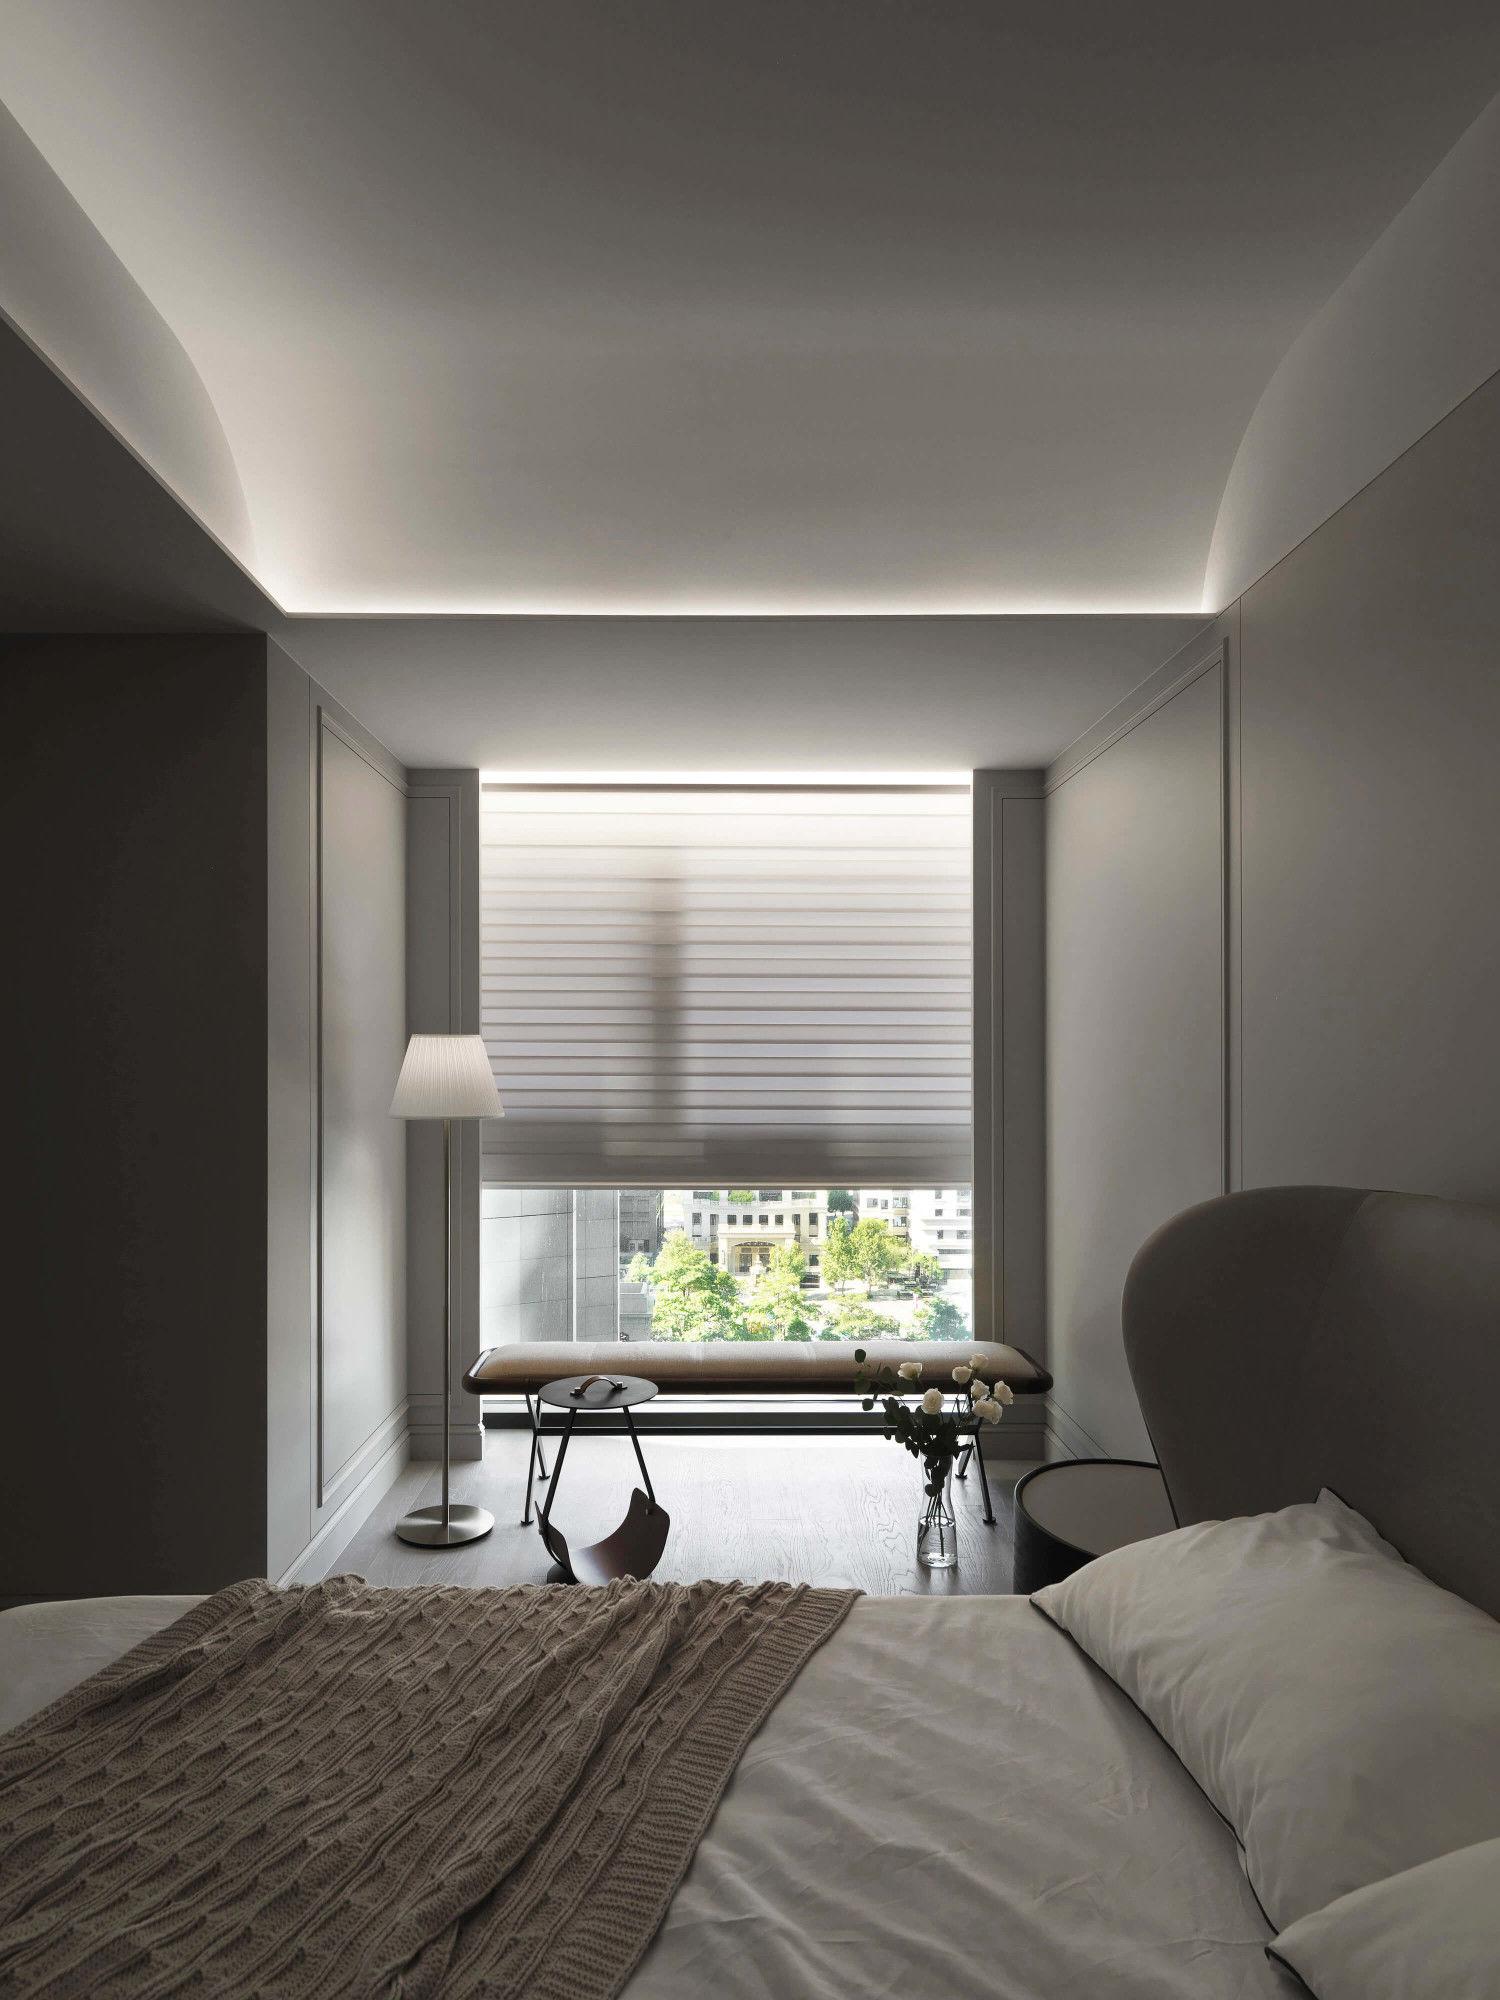 台中分子設計-現代風設計師-台中七期室內設計-電梯大樓整體規劃-臥室線板設計